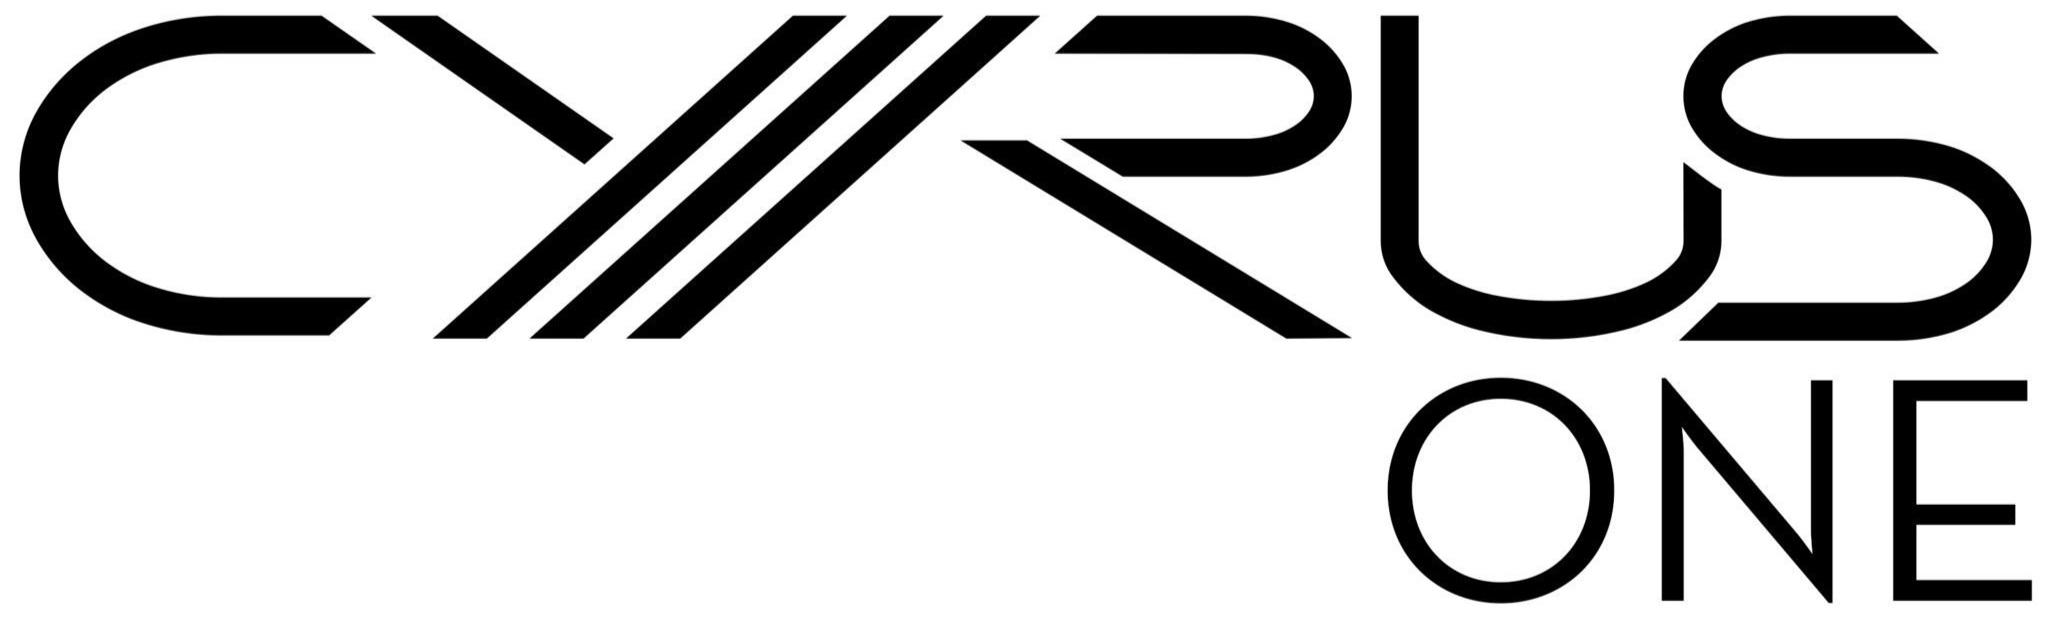 cyrus+one+logo.jpg